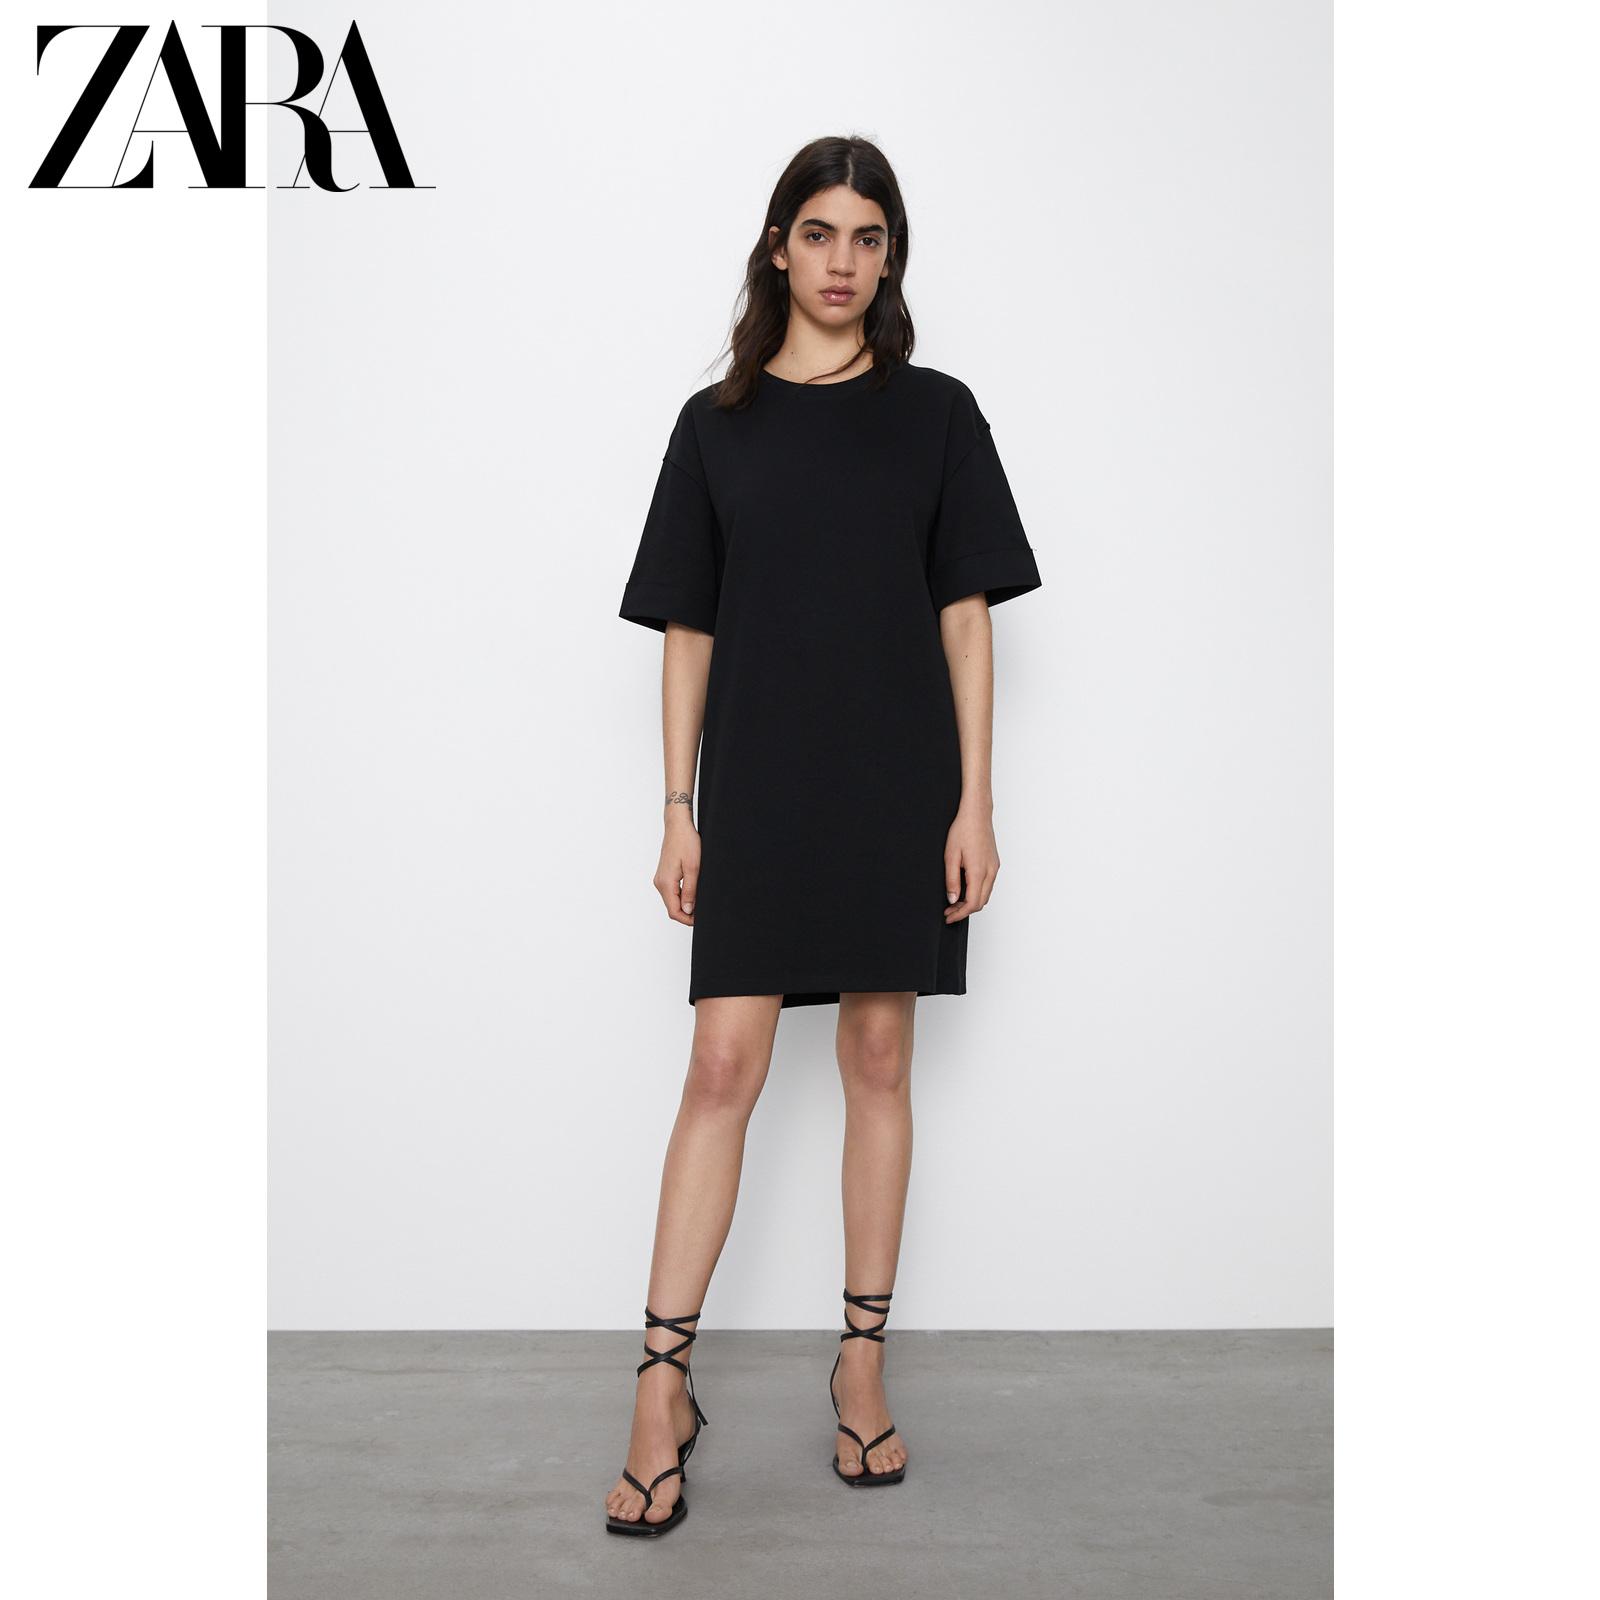 ZARA新款 TRF 女装 基本款连衣裙 04174327800